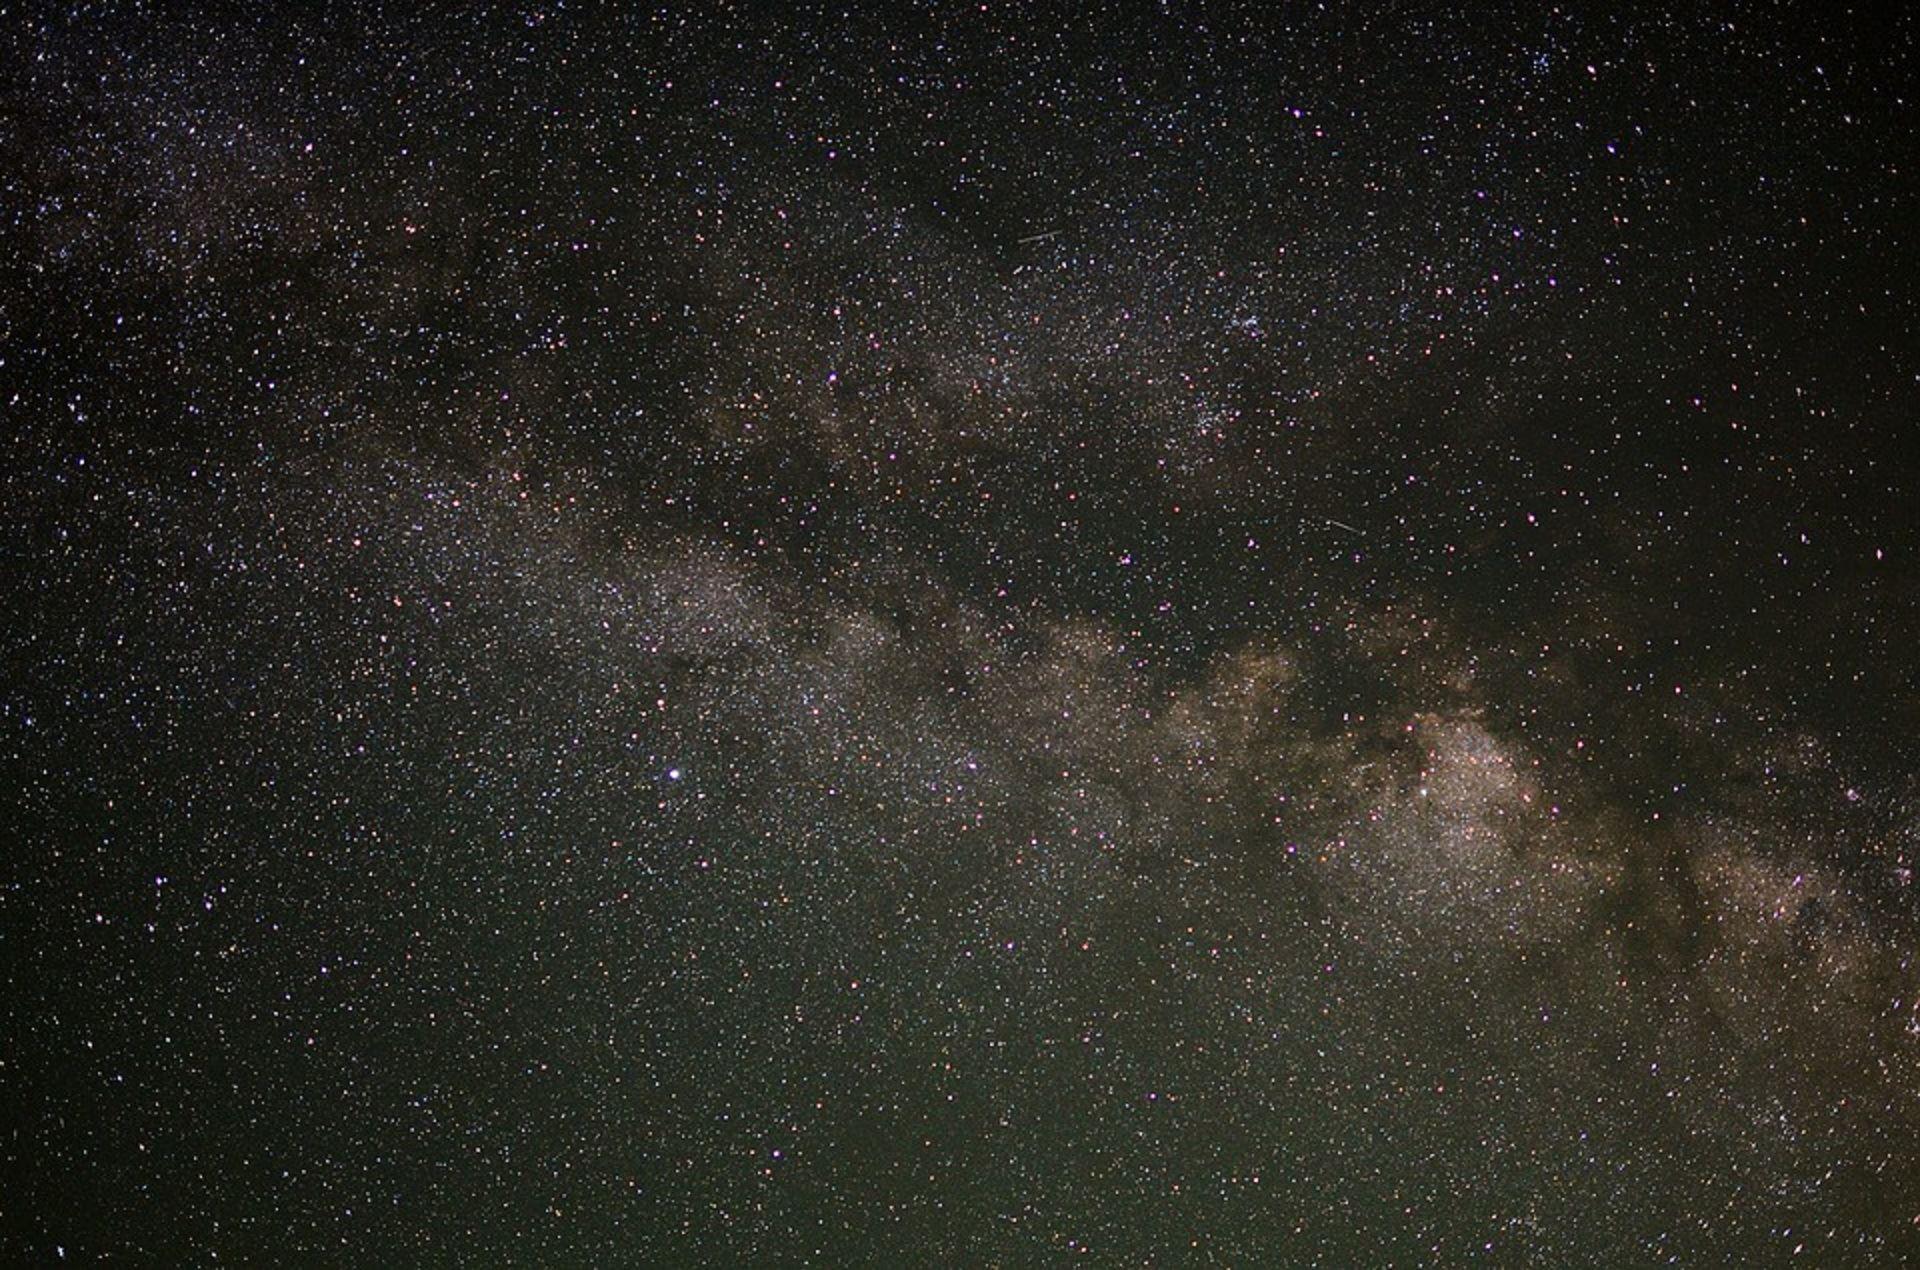 Titta på stjärnor